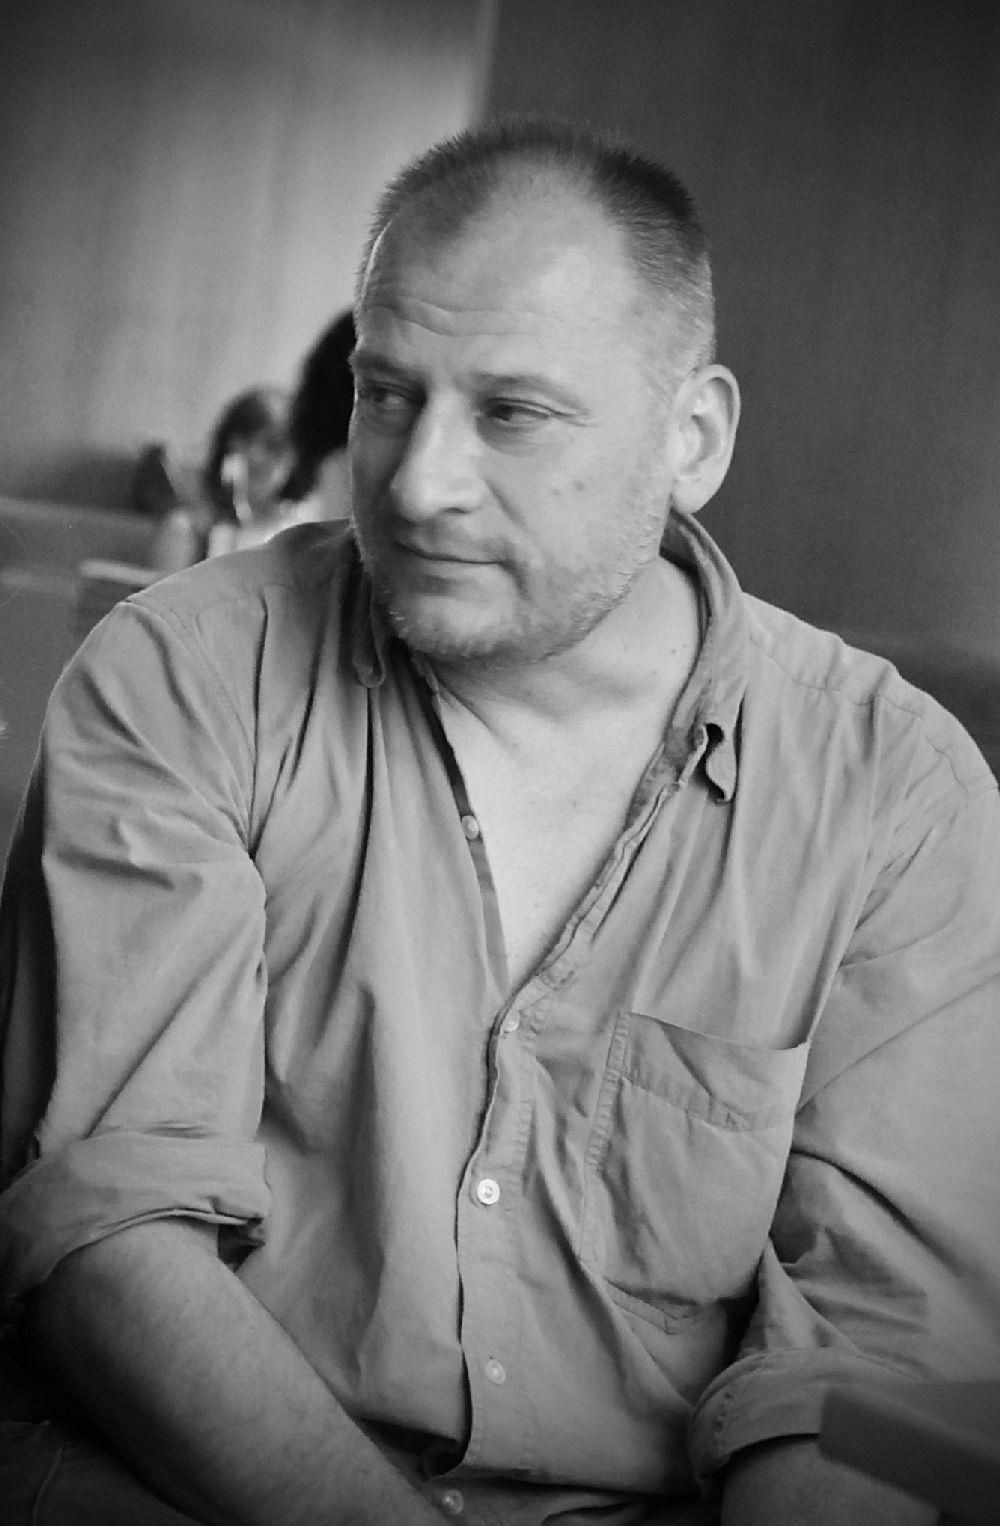 Robert Rumas